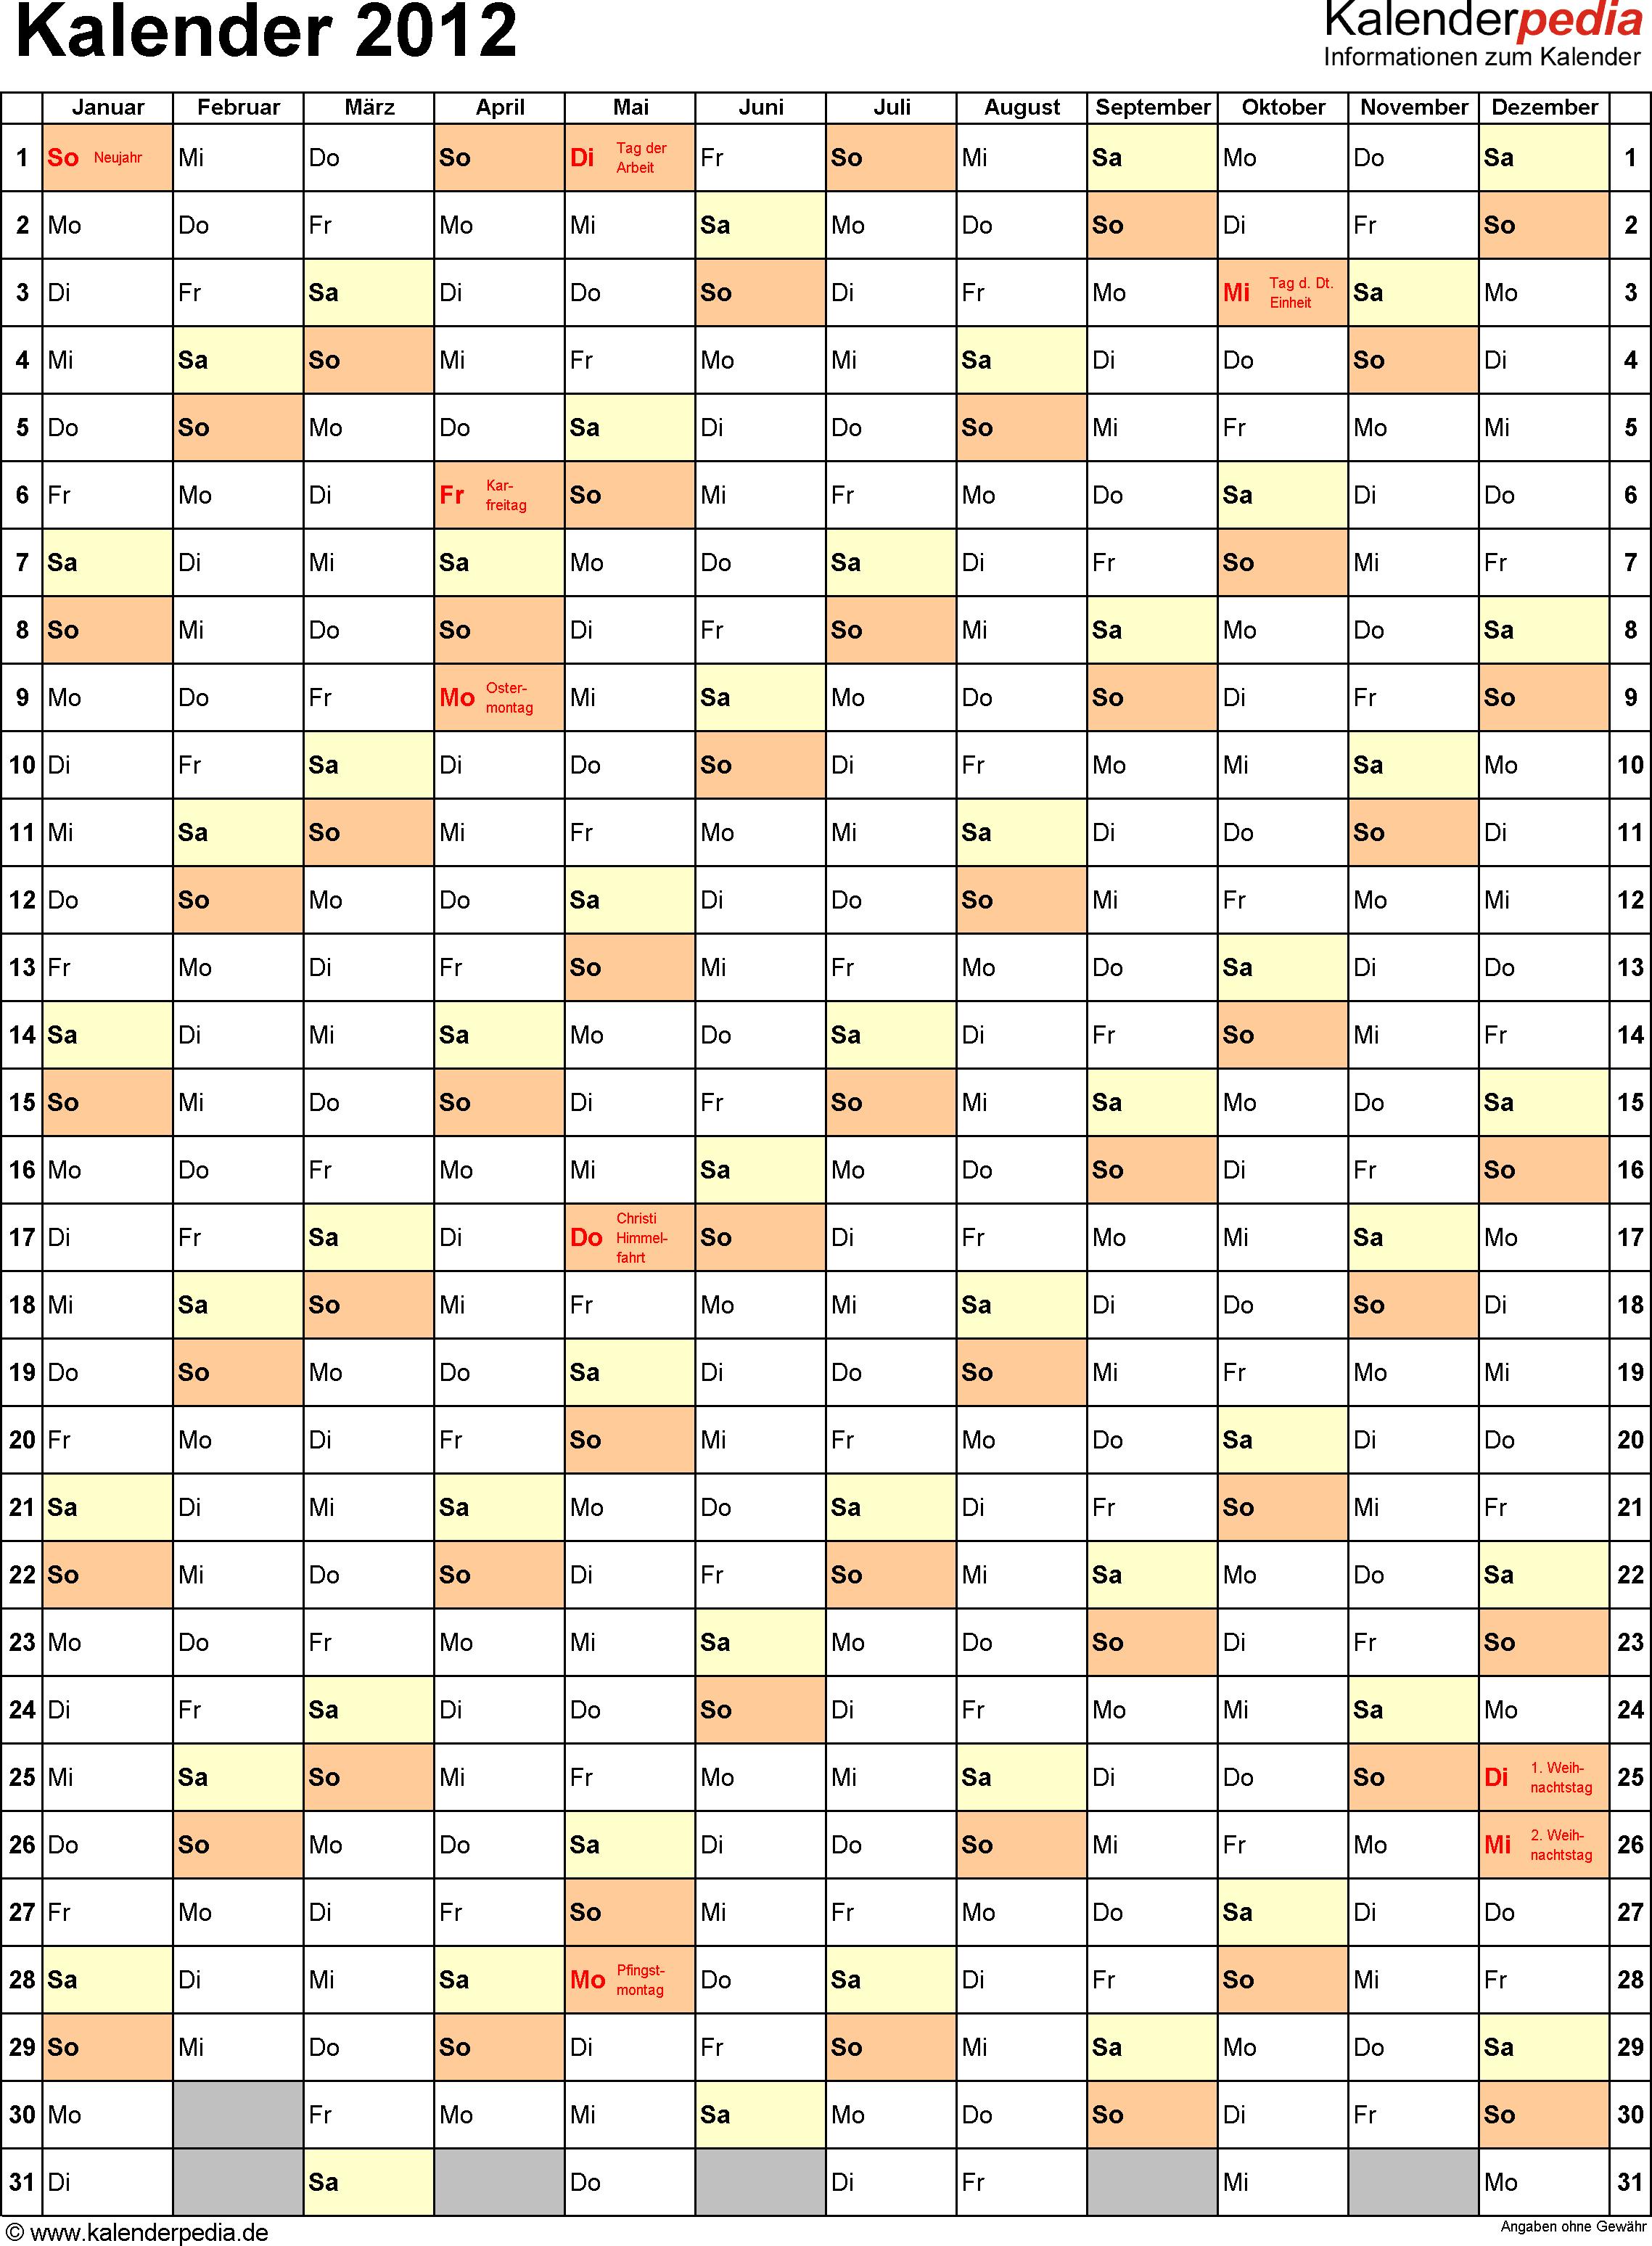 Vorlage 8: Jahreskalender 2012 als Word-Vorlage, Hochformat, 1 DIN A4 Seite, mit Feiertagen (ganz Deutschland), geeignet für alle Word-Versionen